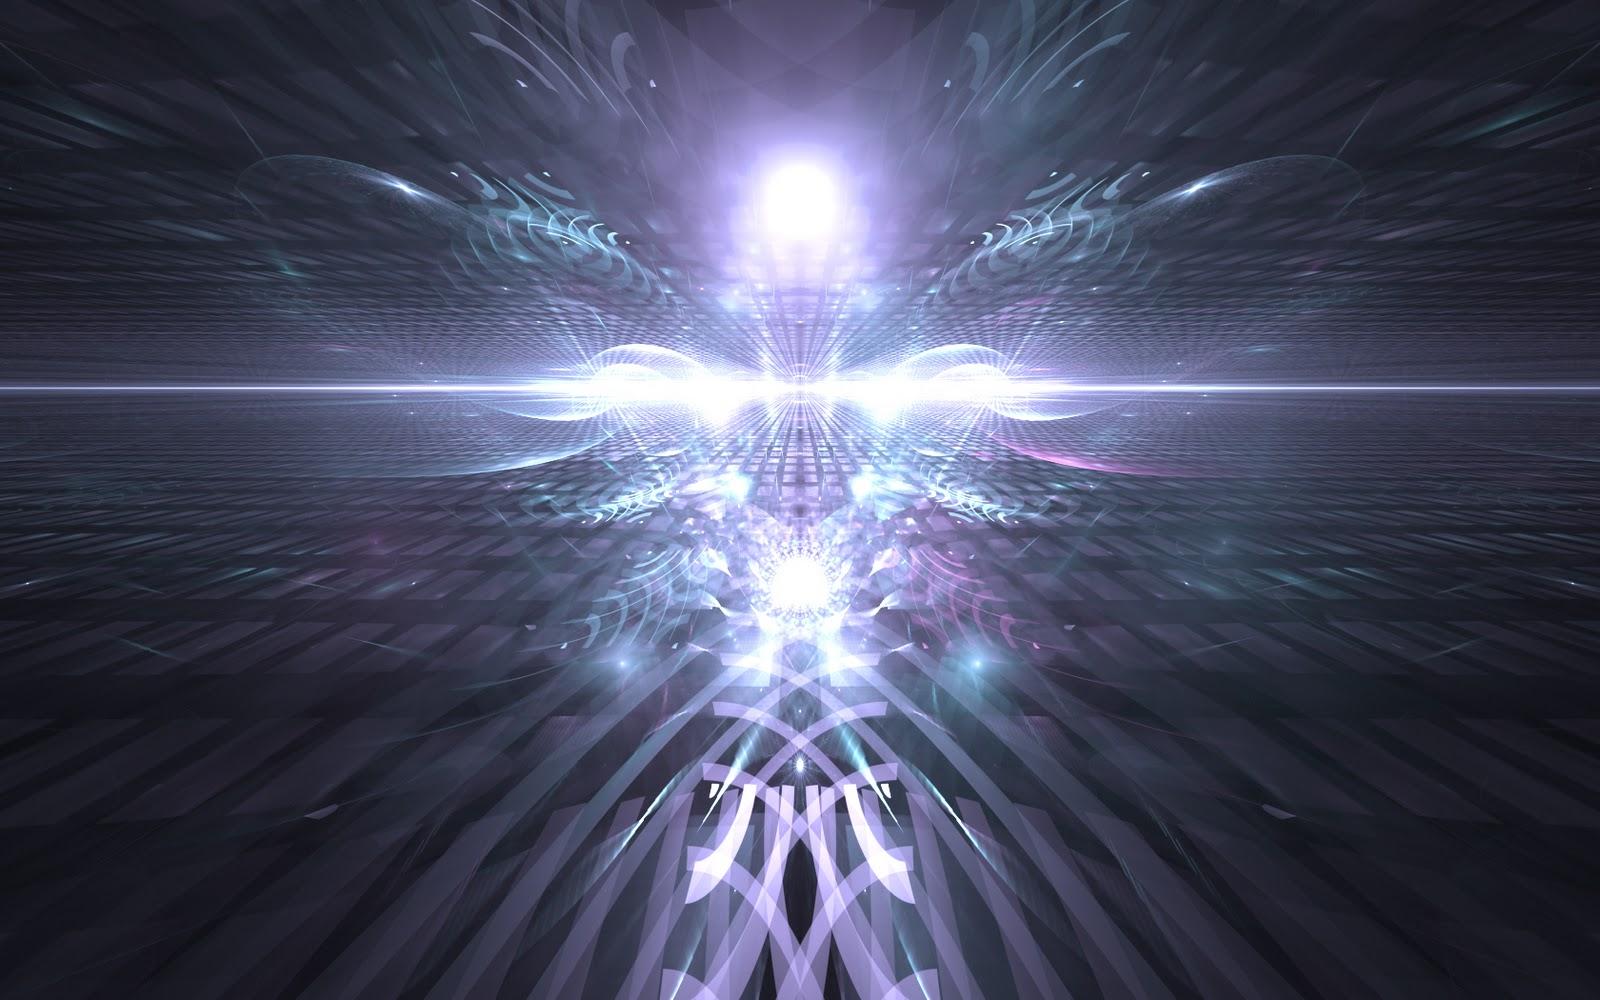 天空神ホルスの錬金術・ライトボディの進化 Cosmicshift: ◎「意識の光り」目次